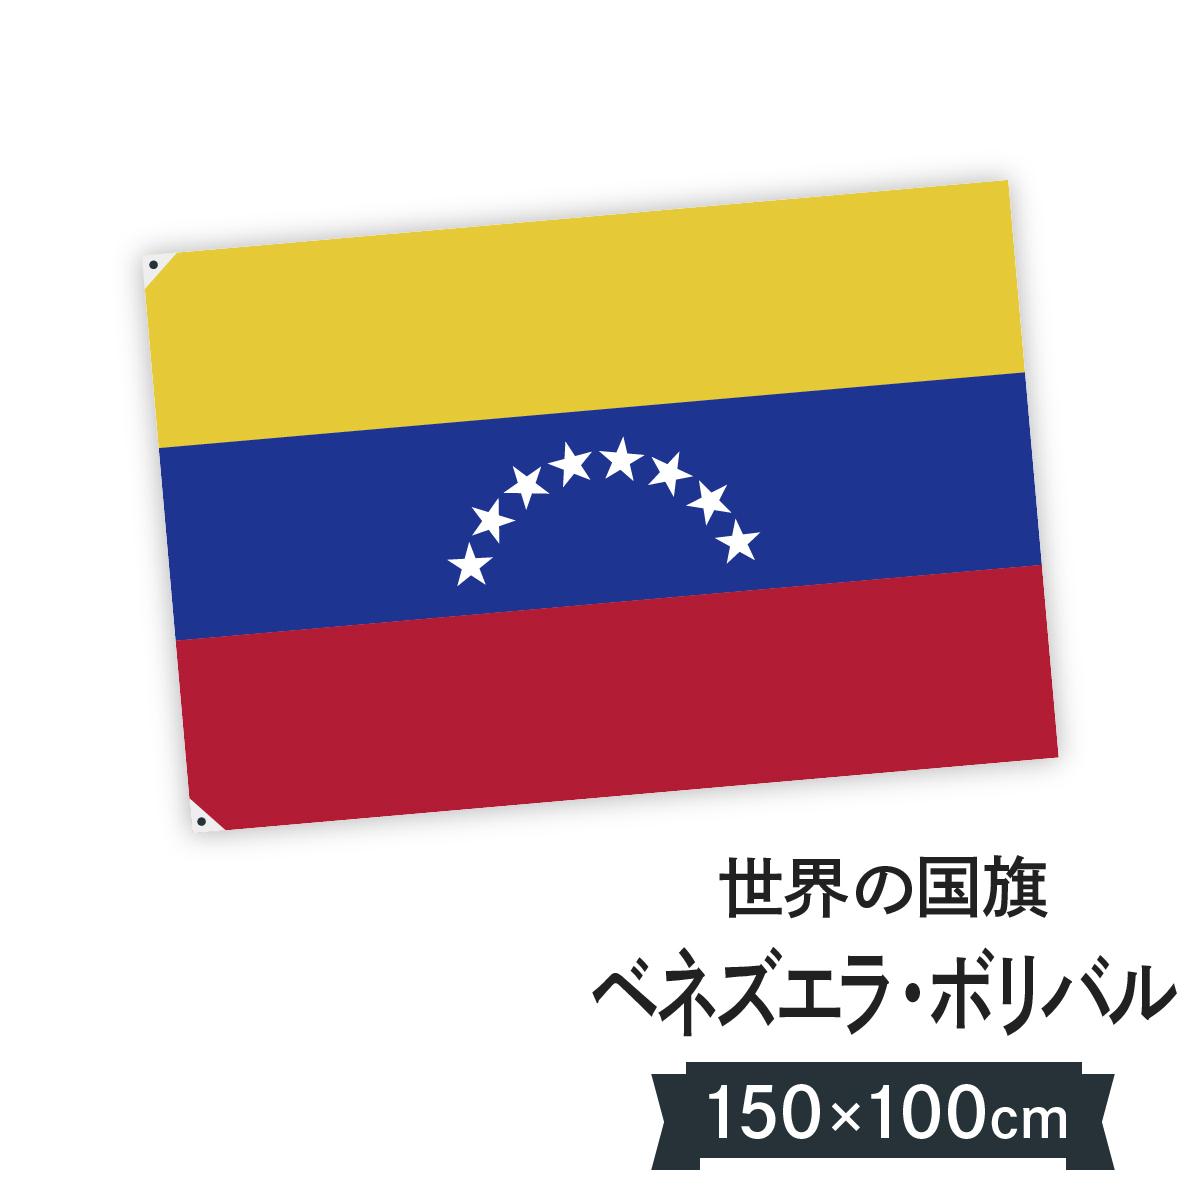 ベネズエラ・ボリバル共和国 国旗 W150cm H100cm